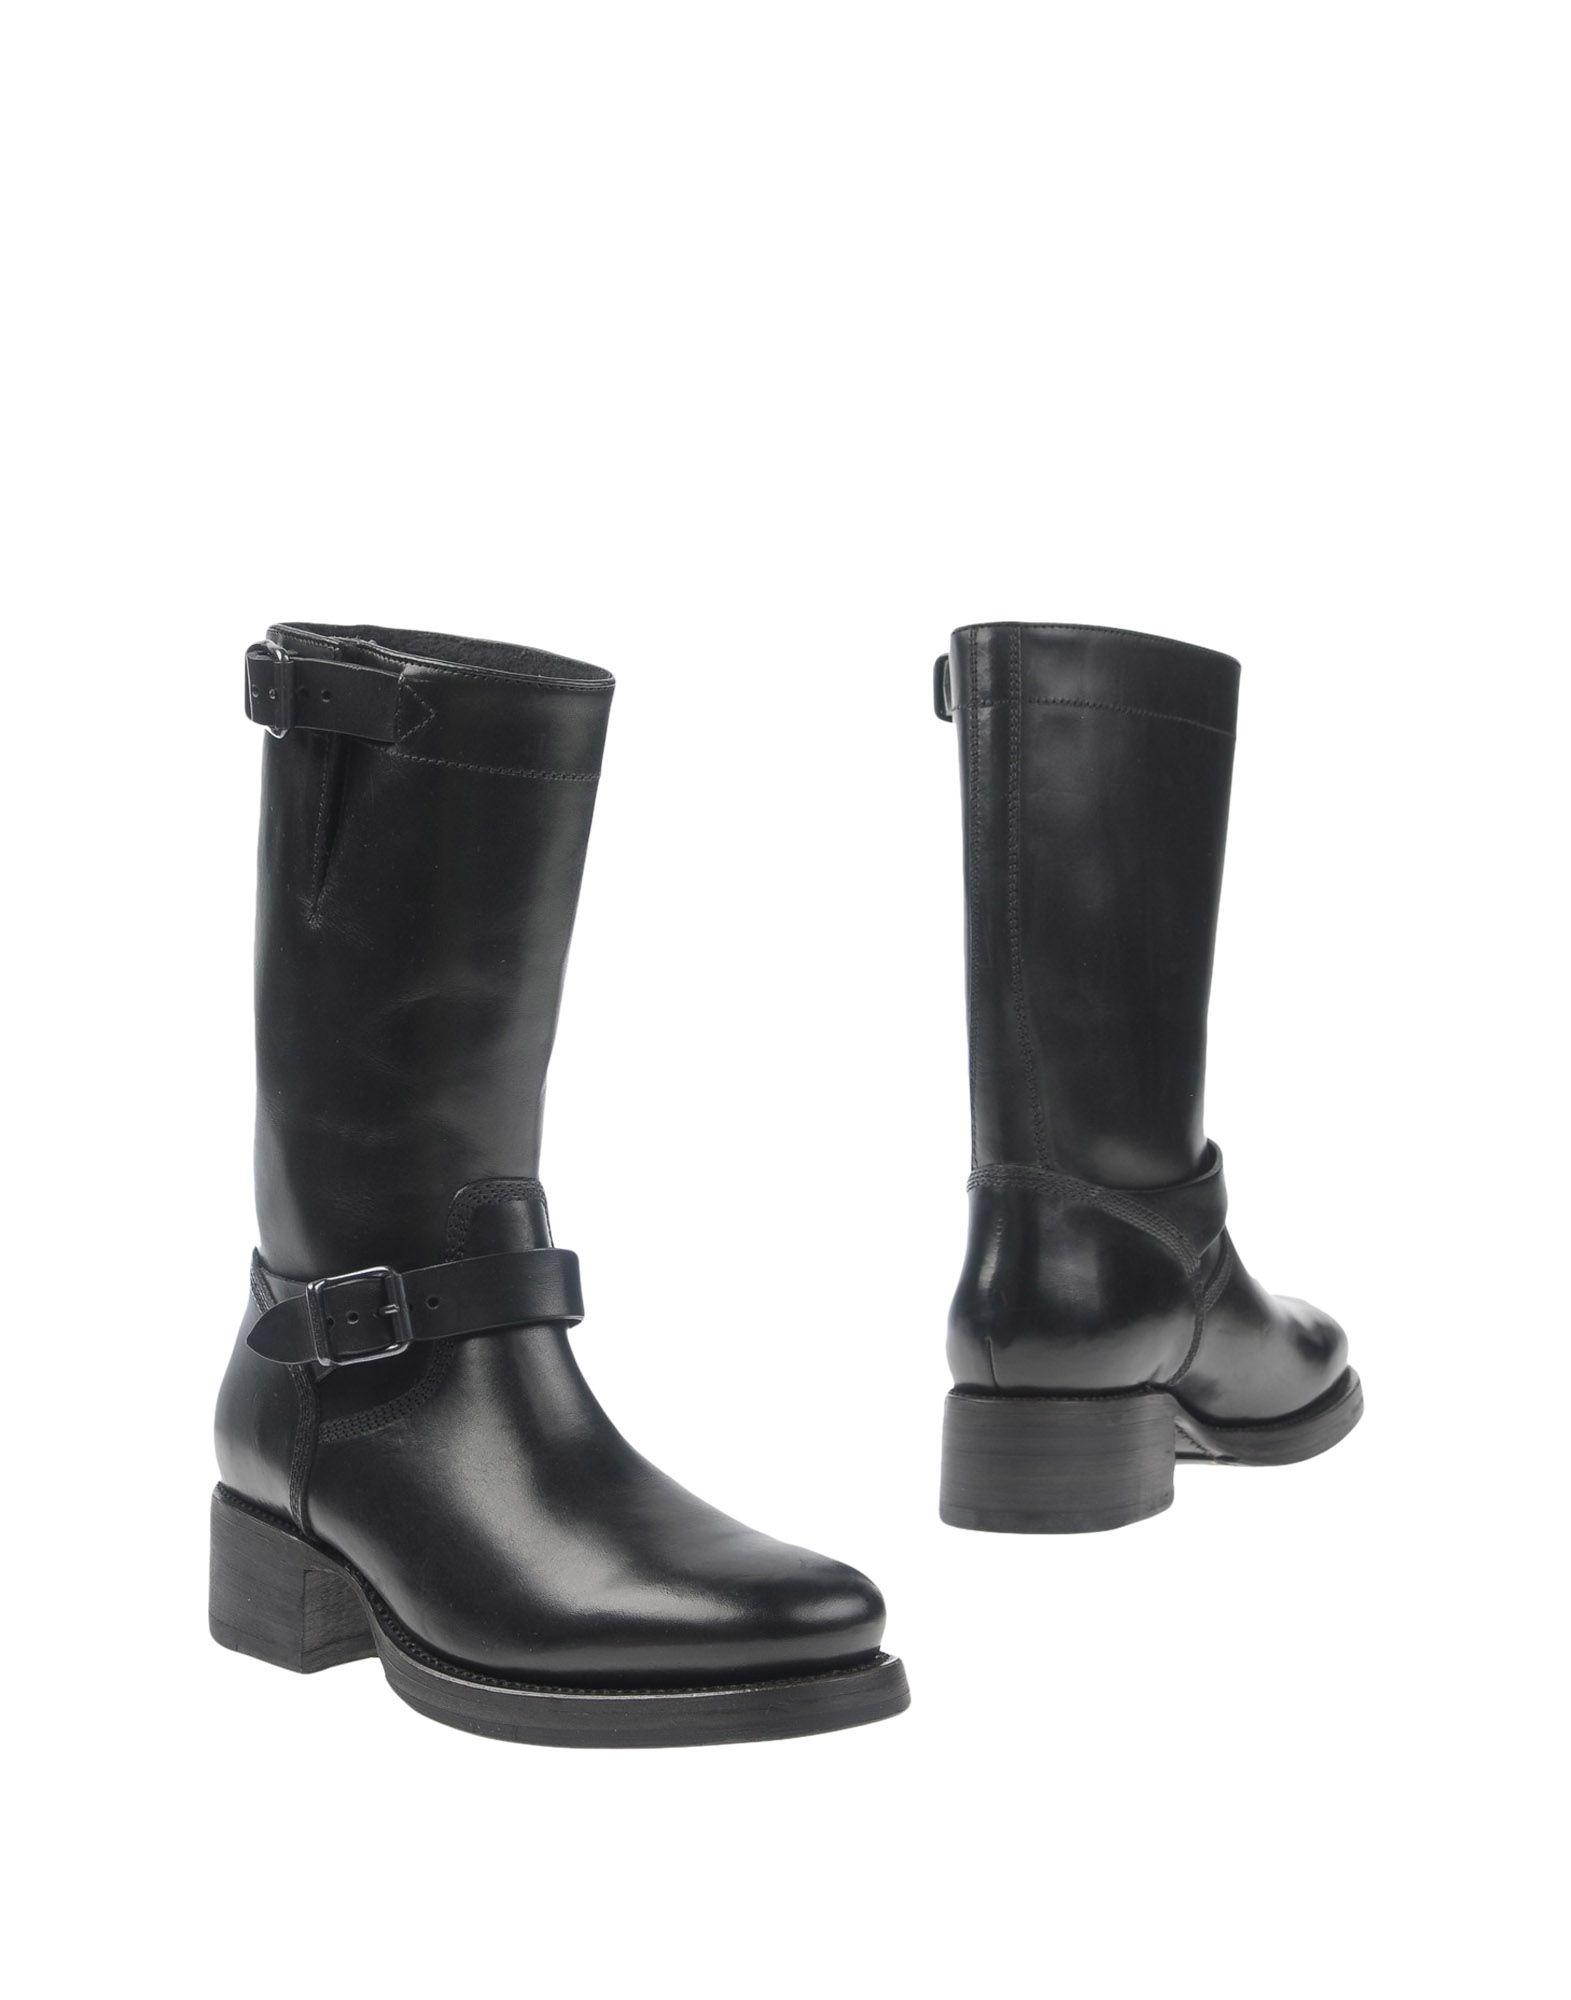 Dsquared2 Stiefelette Herren  11298757LT Gute Qualität beliebte Schuhe